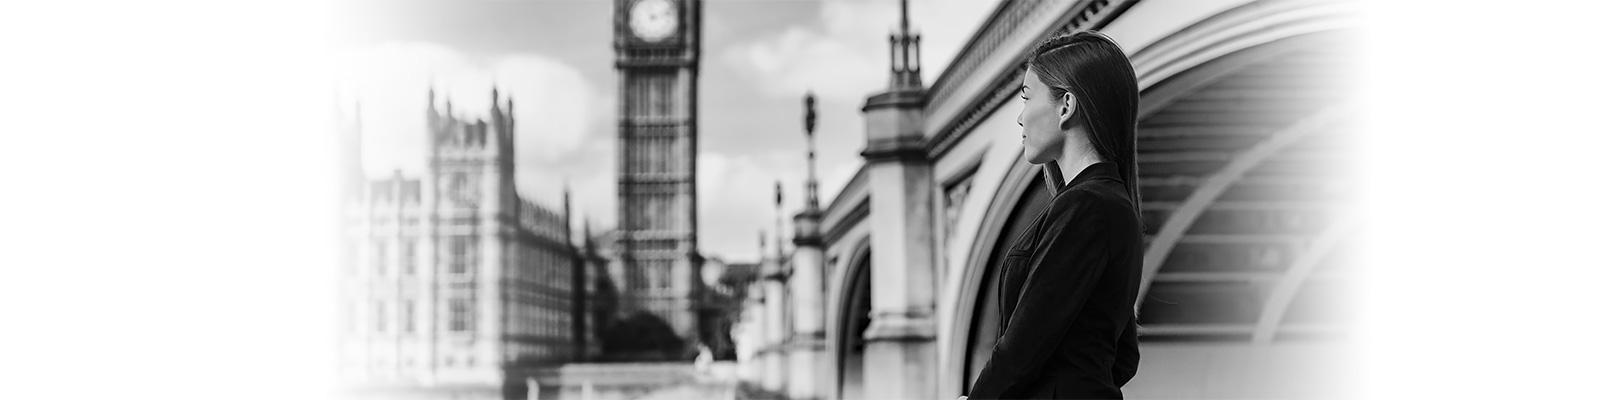 ロンドン ワーカー 孤独 イメージ